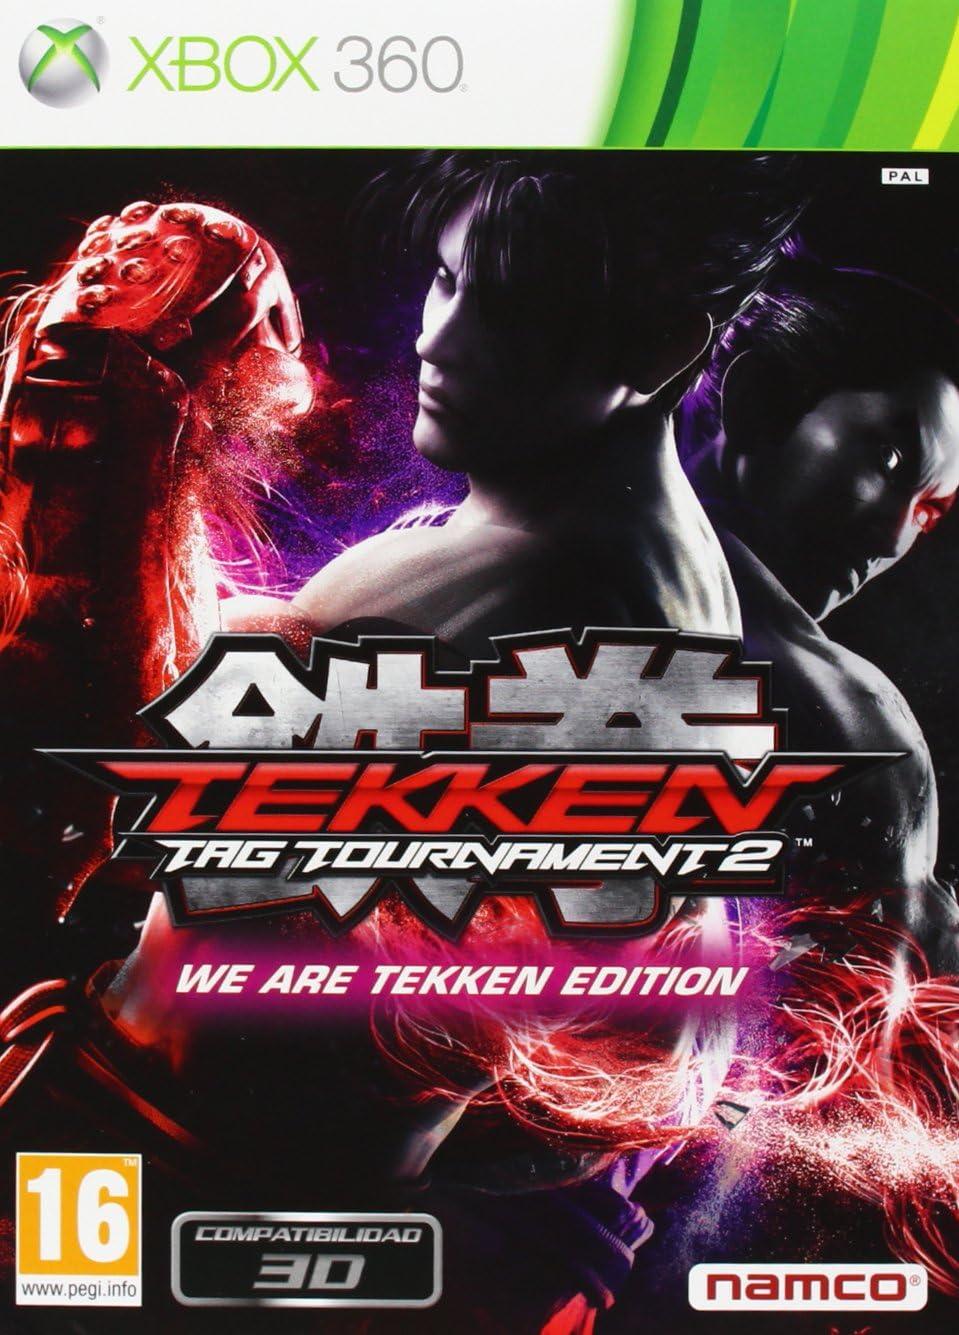 Tekken Tag Tournament 2 - We Are Tekken Edition: Amazon.es: Hogar